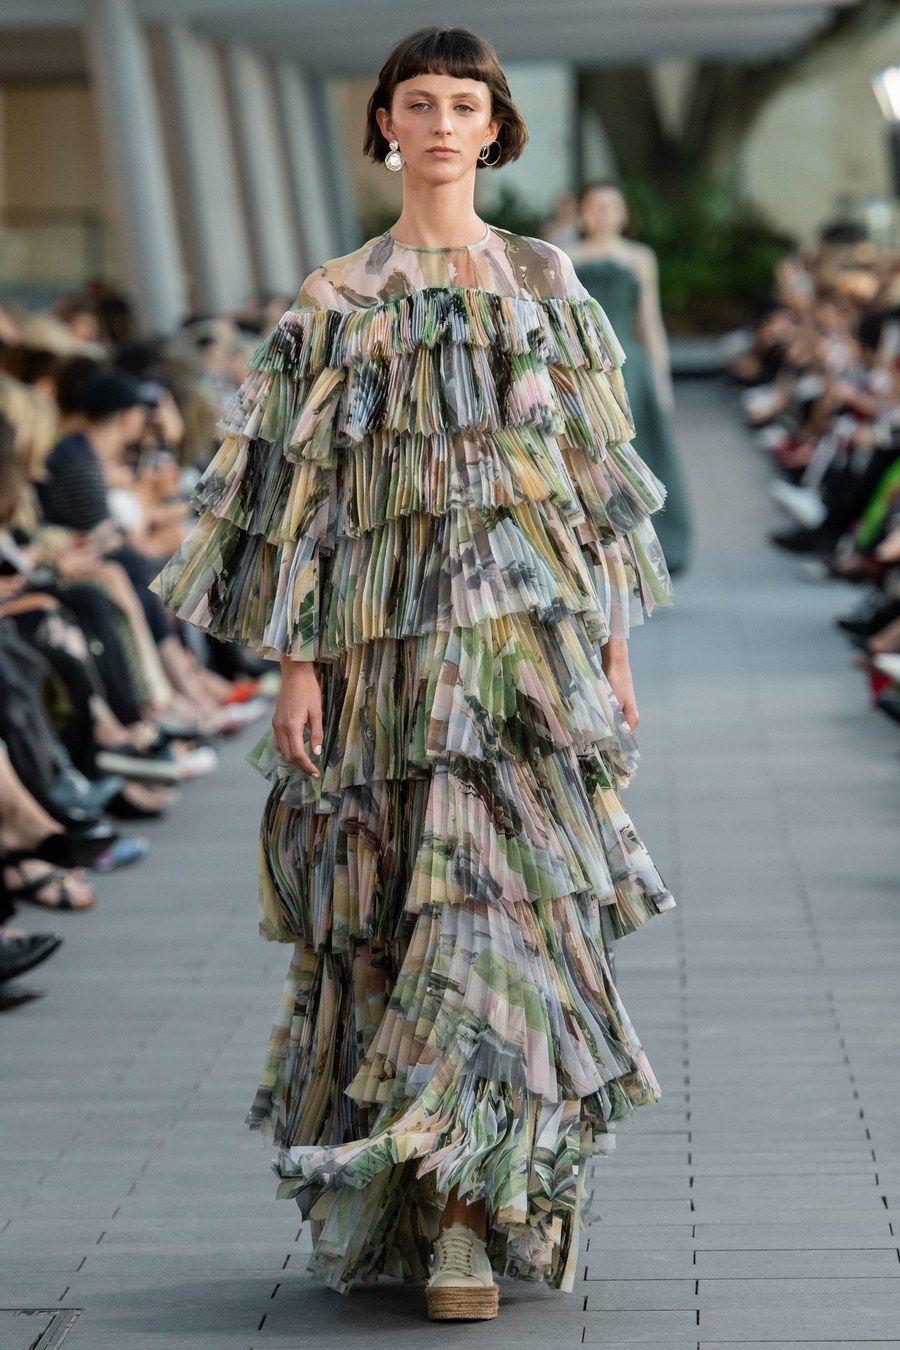 Aje Australia Resort 2020 Fashion Show Fashion, Fashion